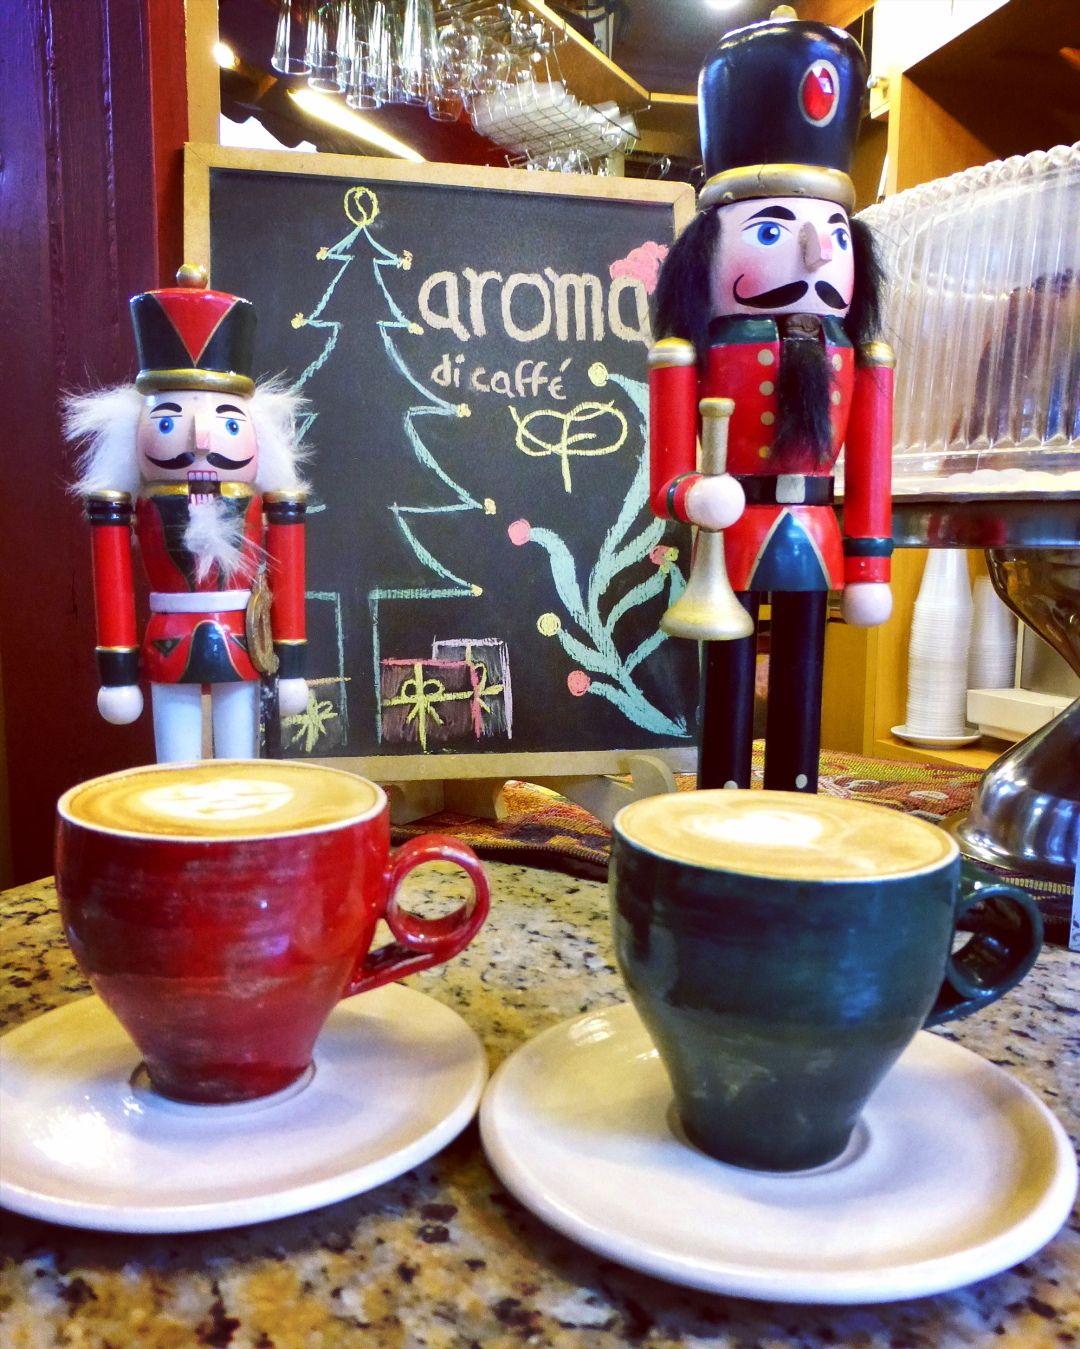 A R O M A  D I  C A F F É   Es tiempo de compartir disfrutar y celebrar. Acompáñanos y vive cálidos momentos con la mejor compañía.  Deléitate con el mejor café.  Sólo en: #AromaDiCaffé  . #MomentosAroma #SaboresAroma #ExperienciaAroma #Caracas #MejoresMomentos #Amistad #Compartir #Café #CaféVenezolano #Capuccino #LatteArt #Coffee #CoffeePic #CoffeeLovers #CoffeeCake #CoffeeTime #CoffeeBreak #CoffeeAddicts #CoffeeHeart #InstaPic #InstaMoments #InstaCoffee #Navidad #Cascanueces #Christmas…